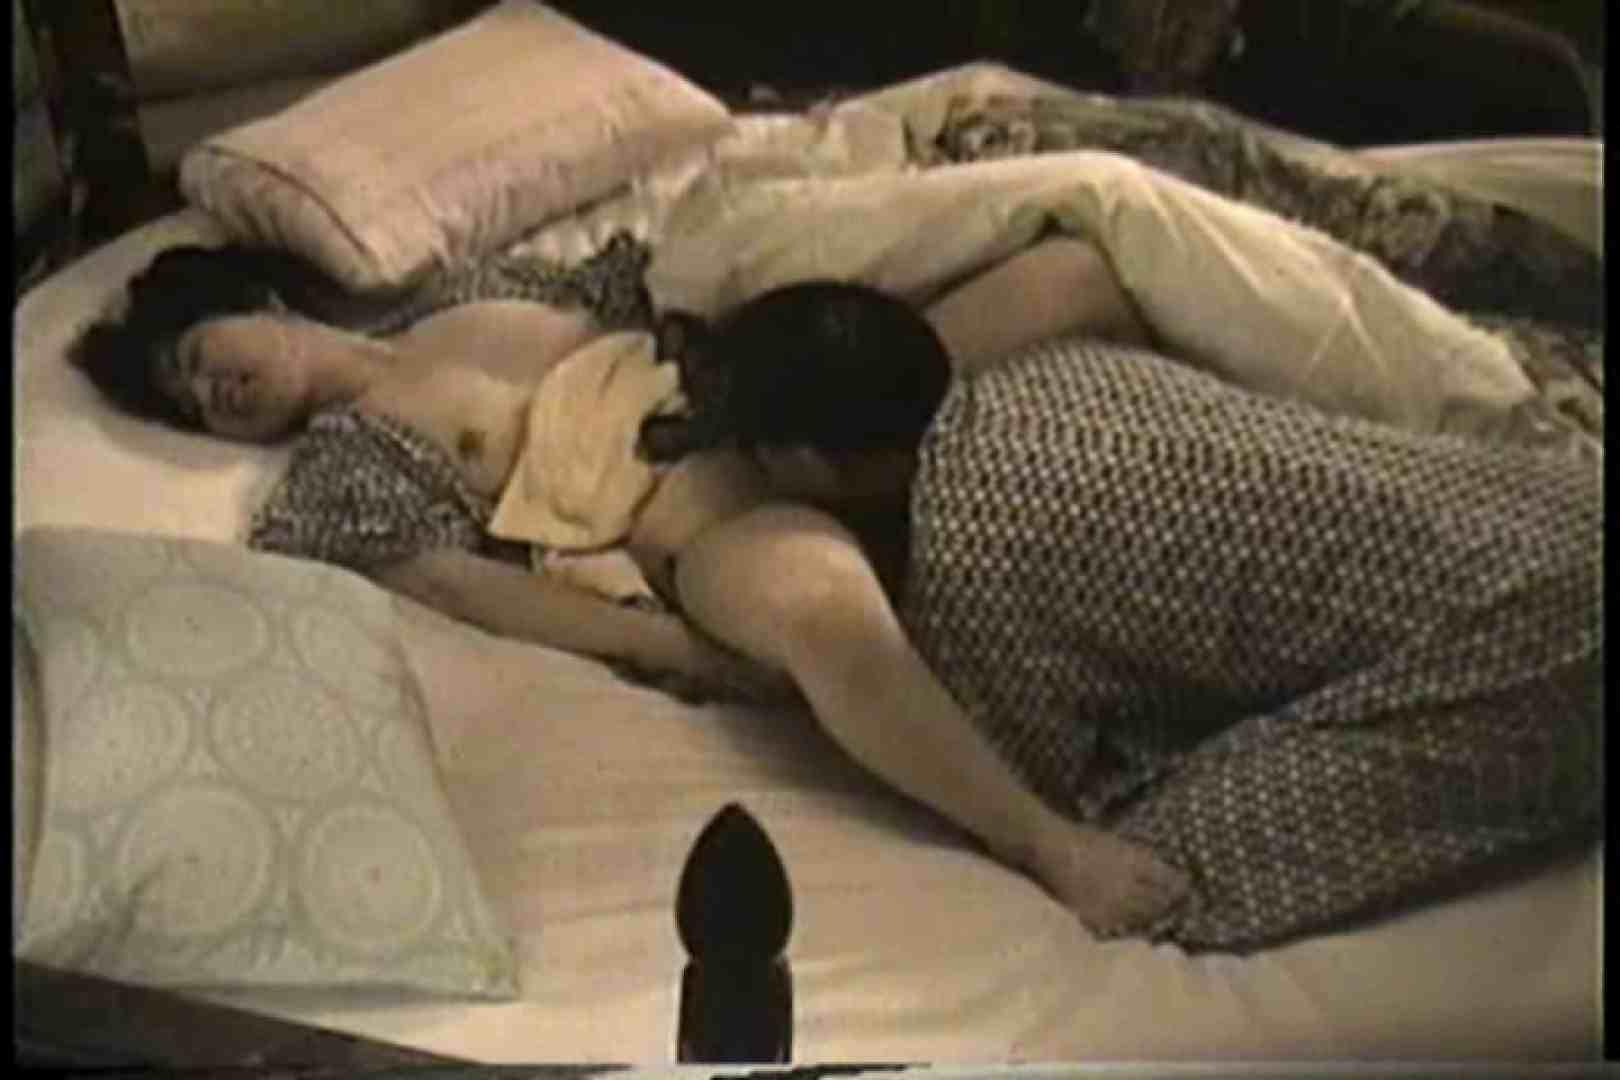 実録!ラブホテル~消し忘れ注意!昭和の色編~ vol.21 おっぱい セックス画像 104pic 10